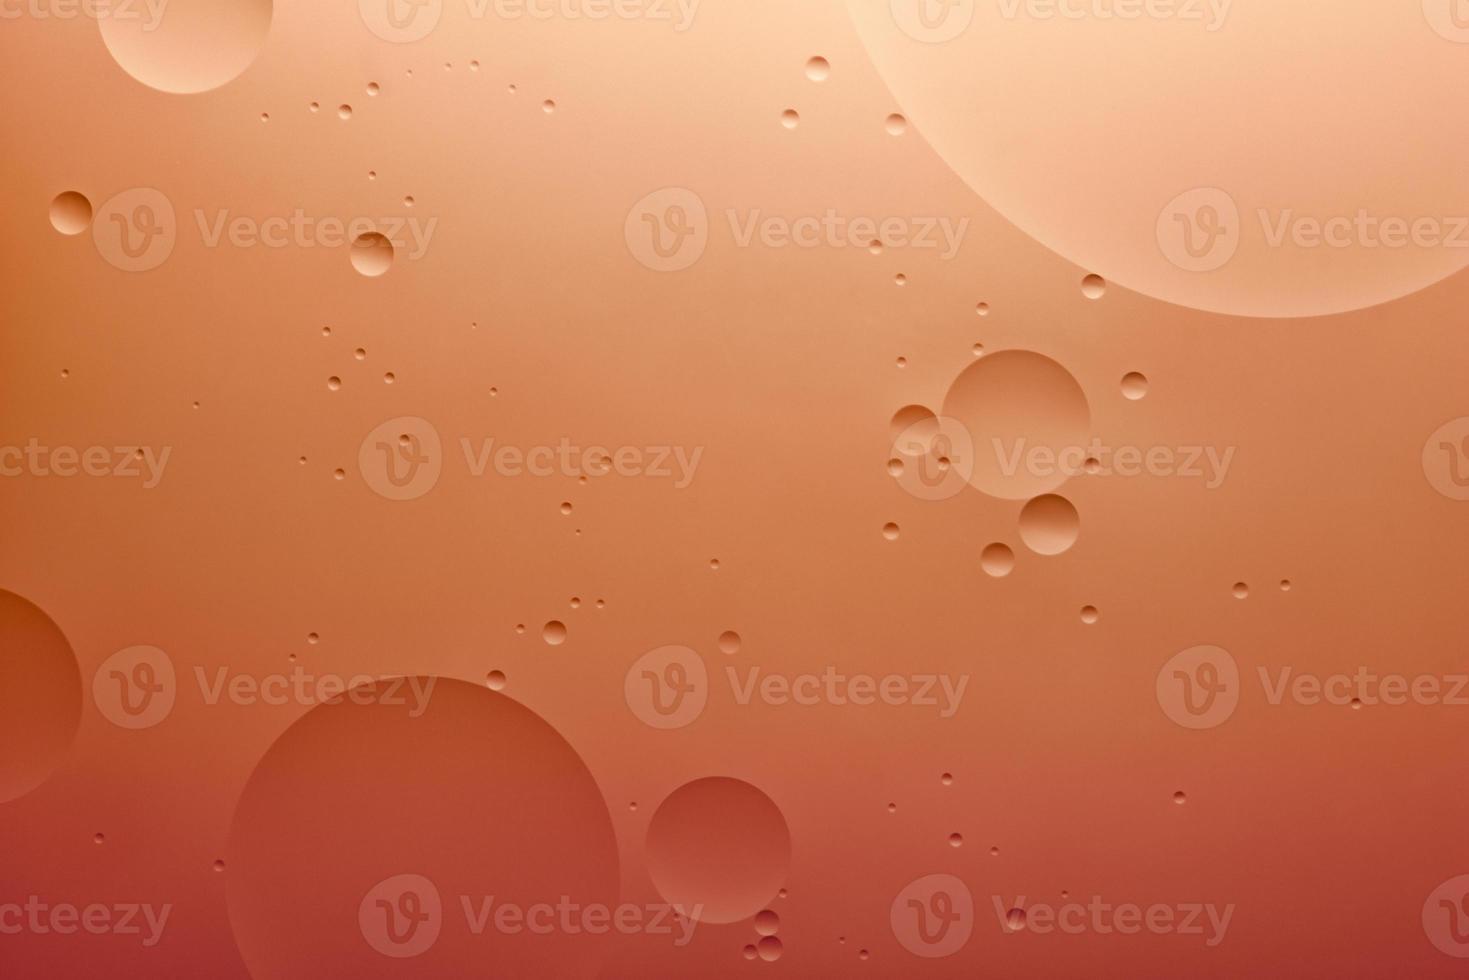 eau et huile, arrière-plan abstrait de couleur basé sur des cercles et des ovales de couleur orange, abstraction macro, vraie photo. photo